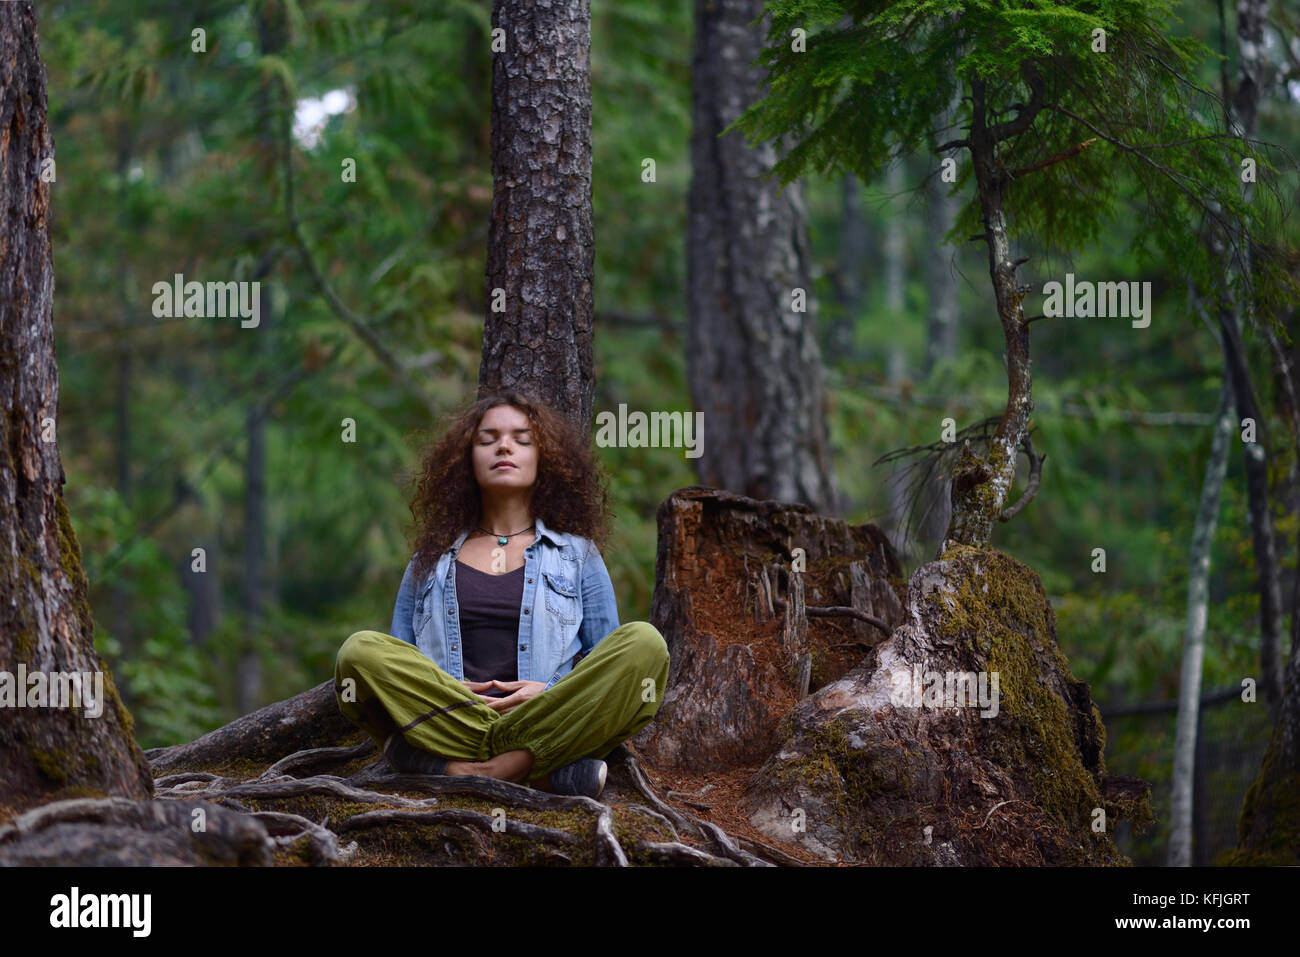 Mujer joven descansando en un bosque sentado en postura de meditación, apoyada contra el tronco de un árbol Imagen De Stock